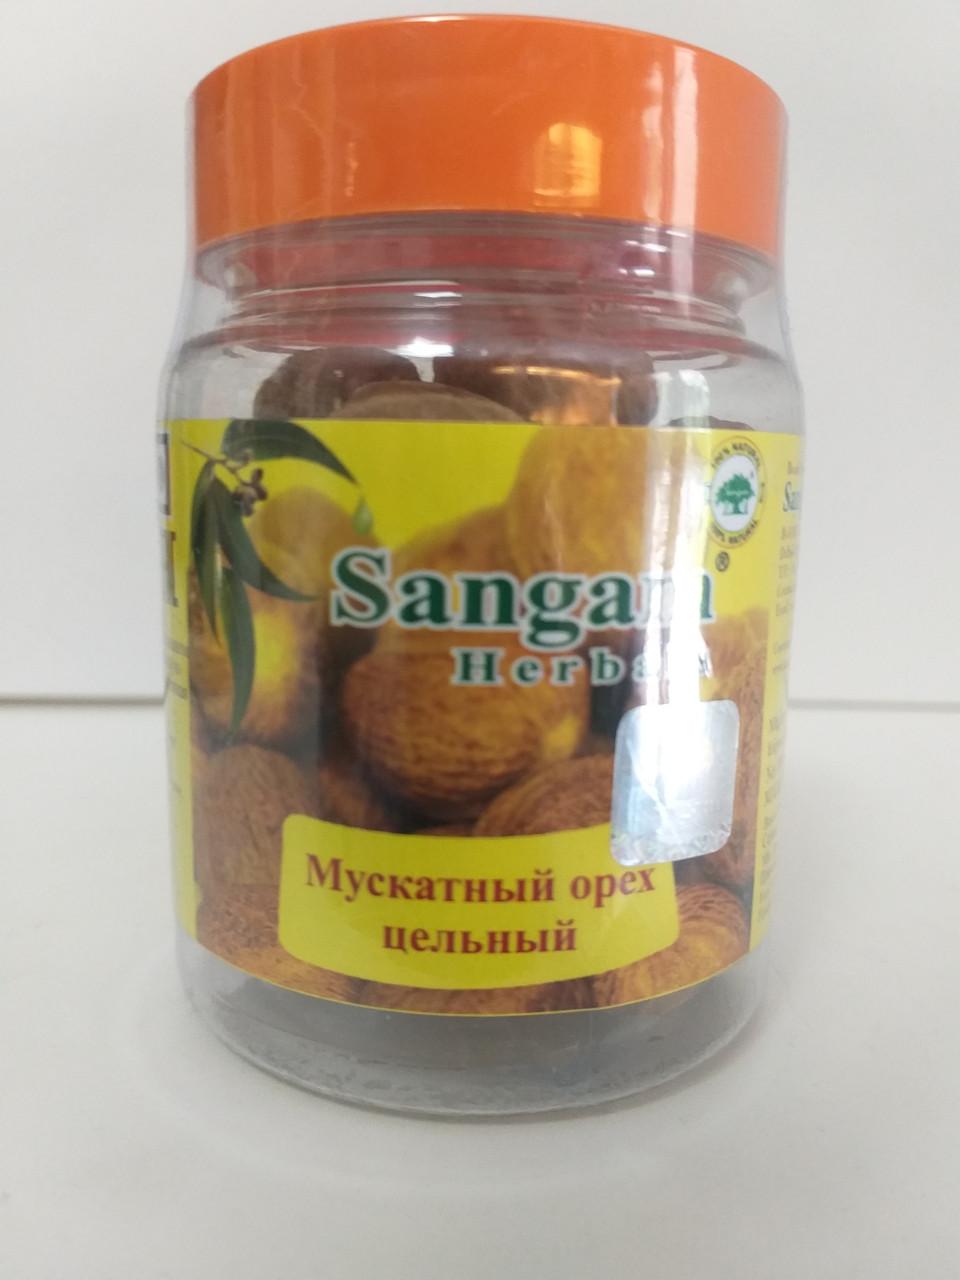 Мускатный орех цельный ,Сангам, 70 гр